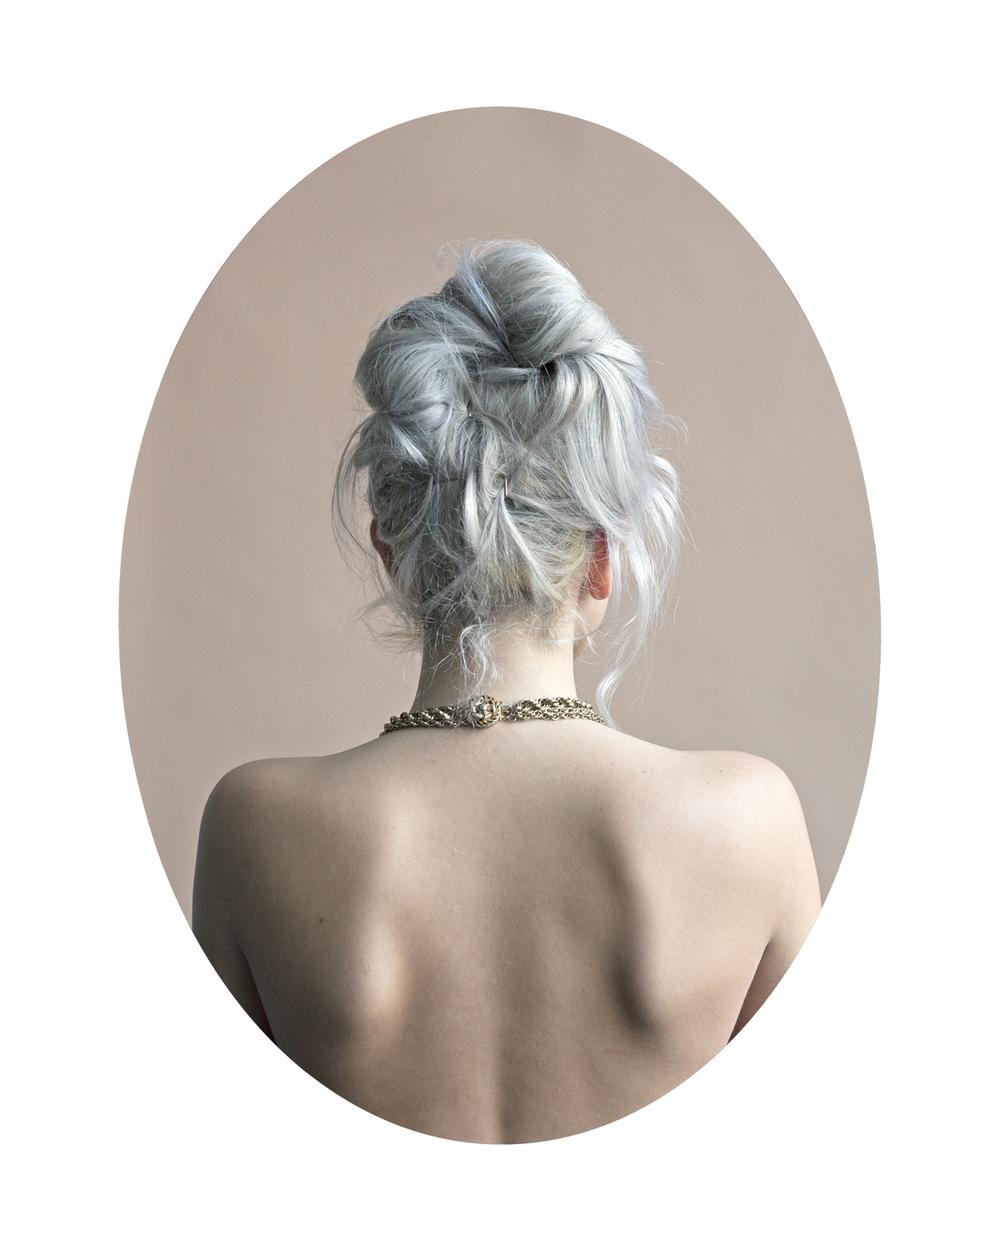 Devon (Silver)  from the series  A Modern Hair Study ,  Tara Bogart